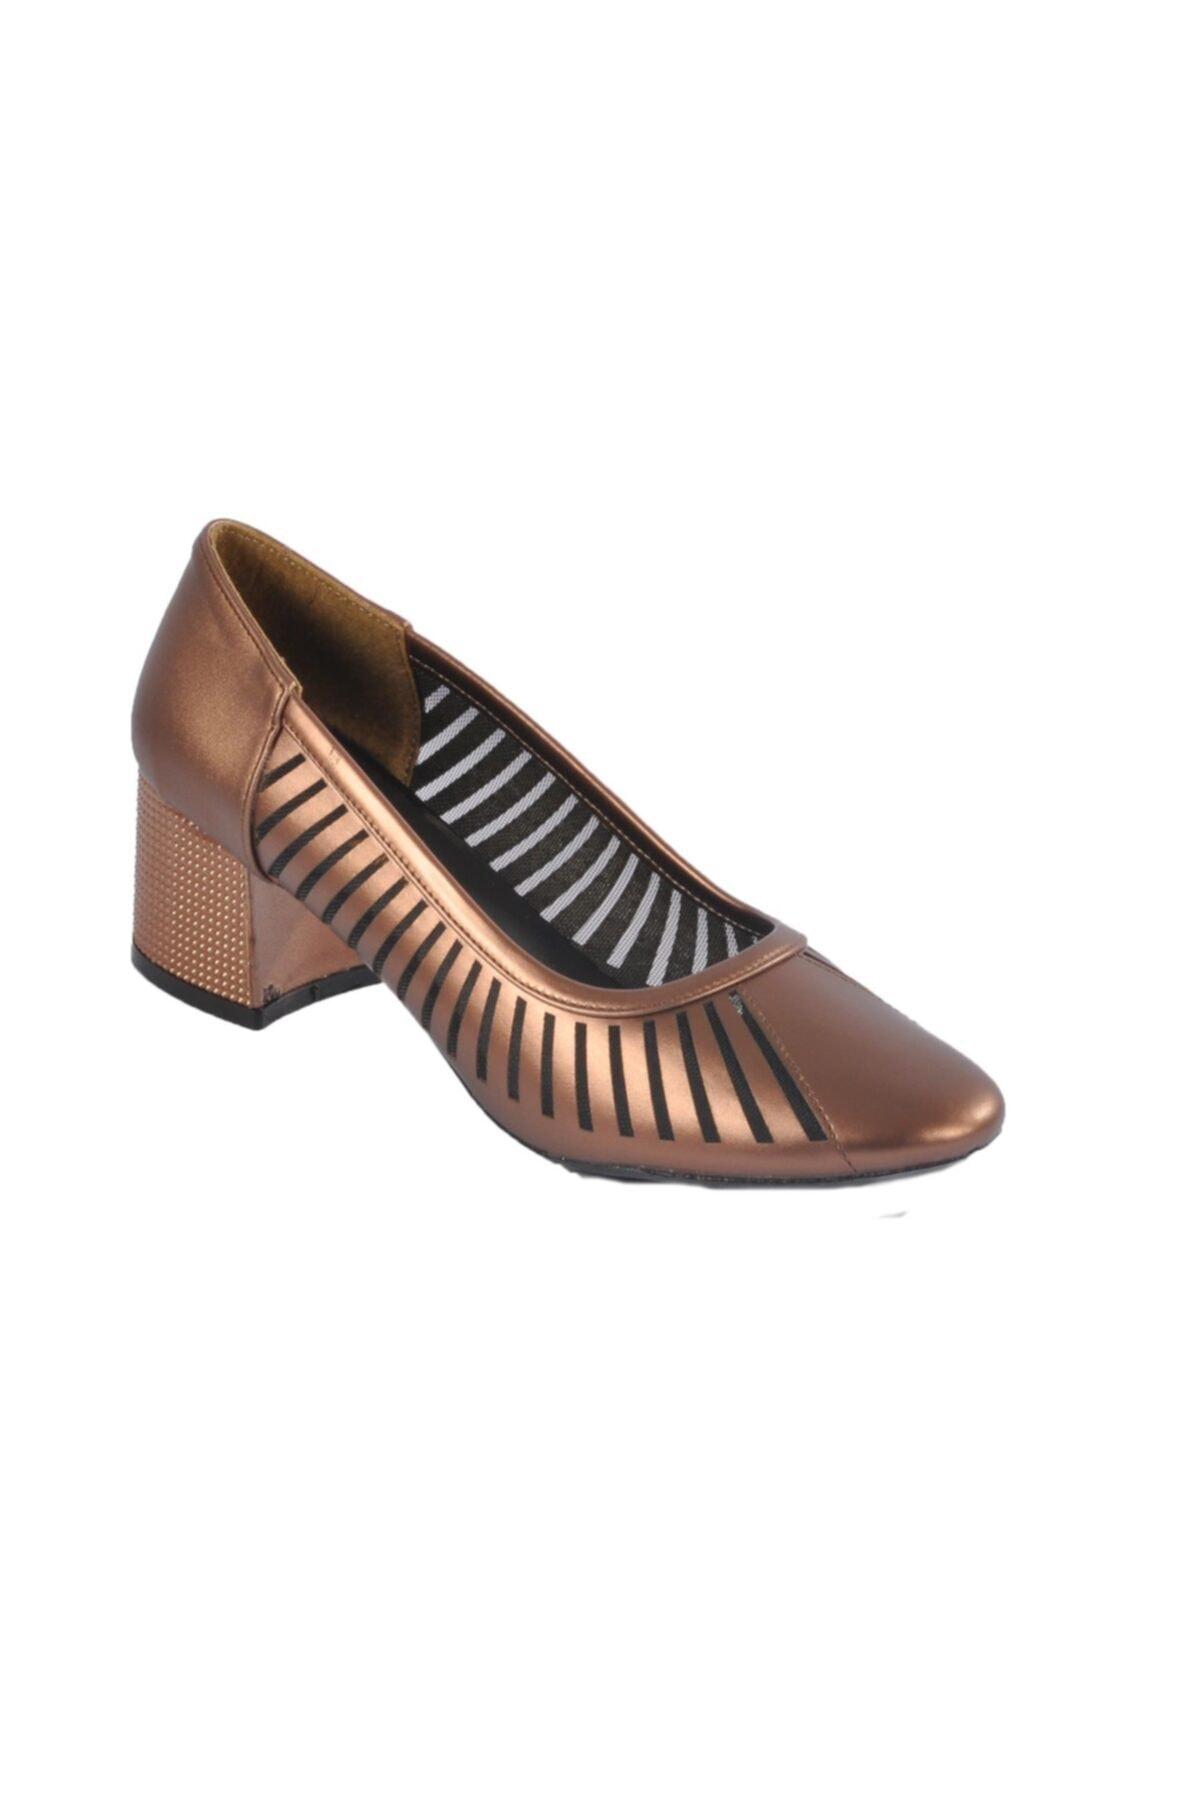 Maje 2127 Bakır Kadın Topuklu Ayakkabı 1